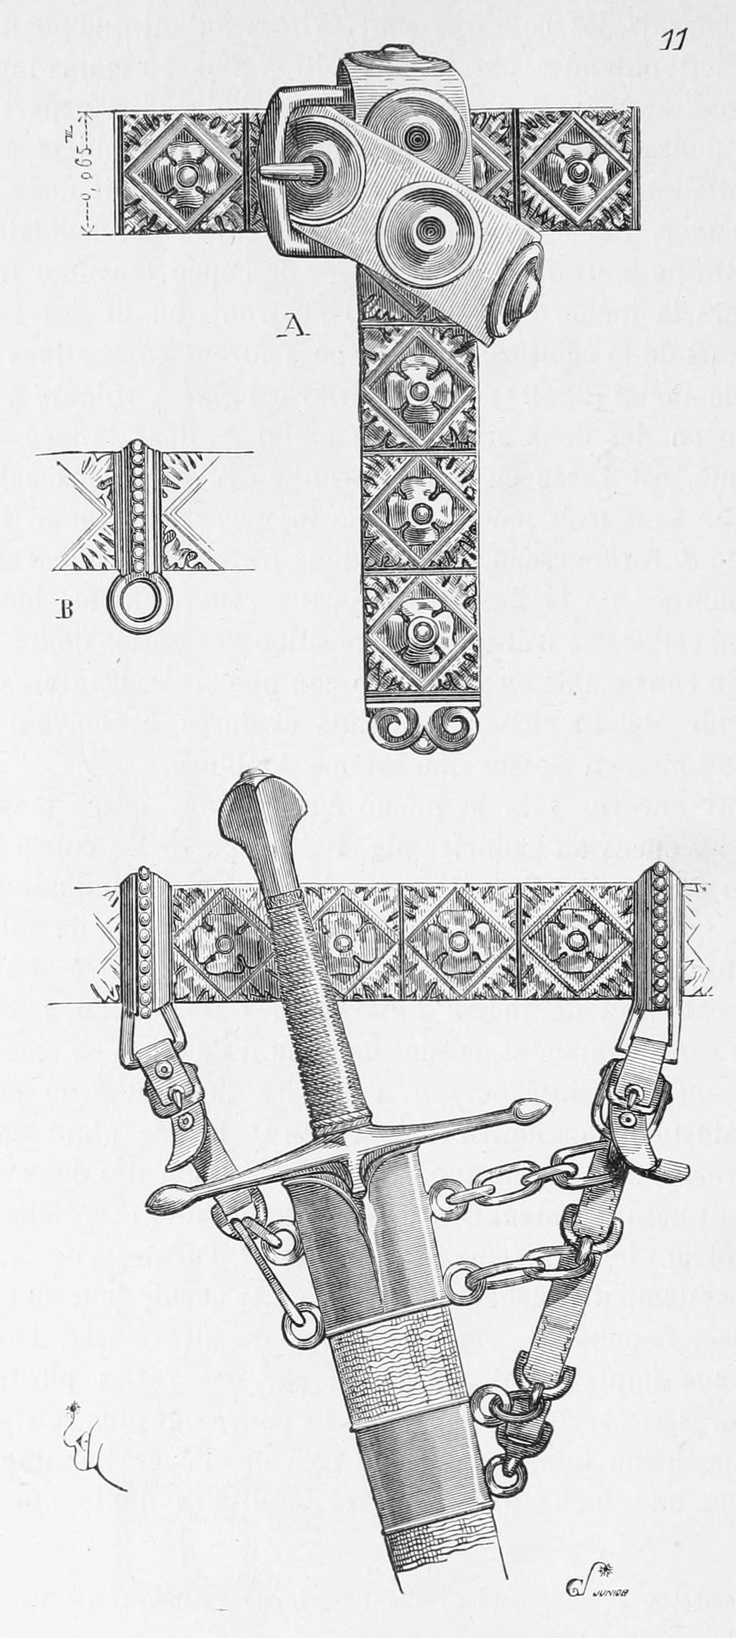 medieval-belts-6.png (1218×2712)